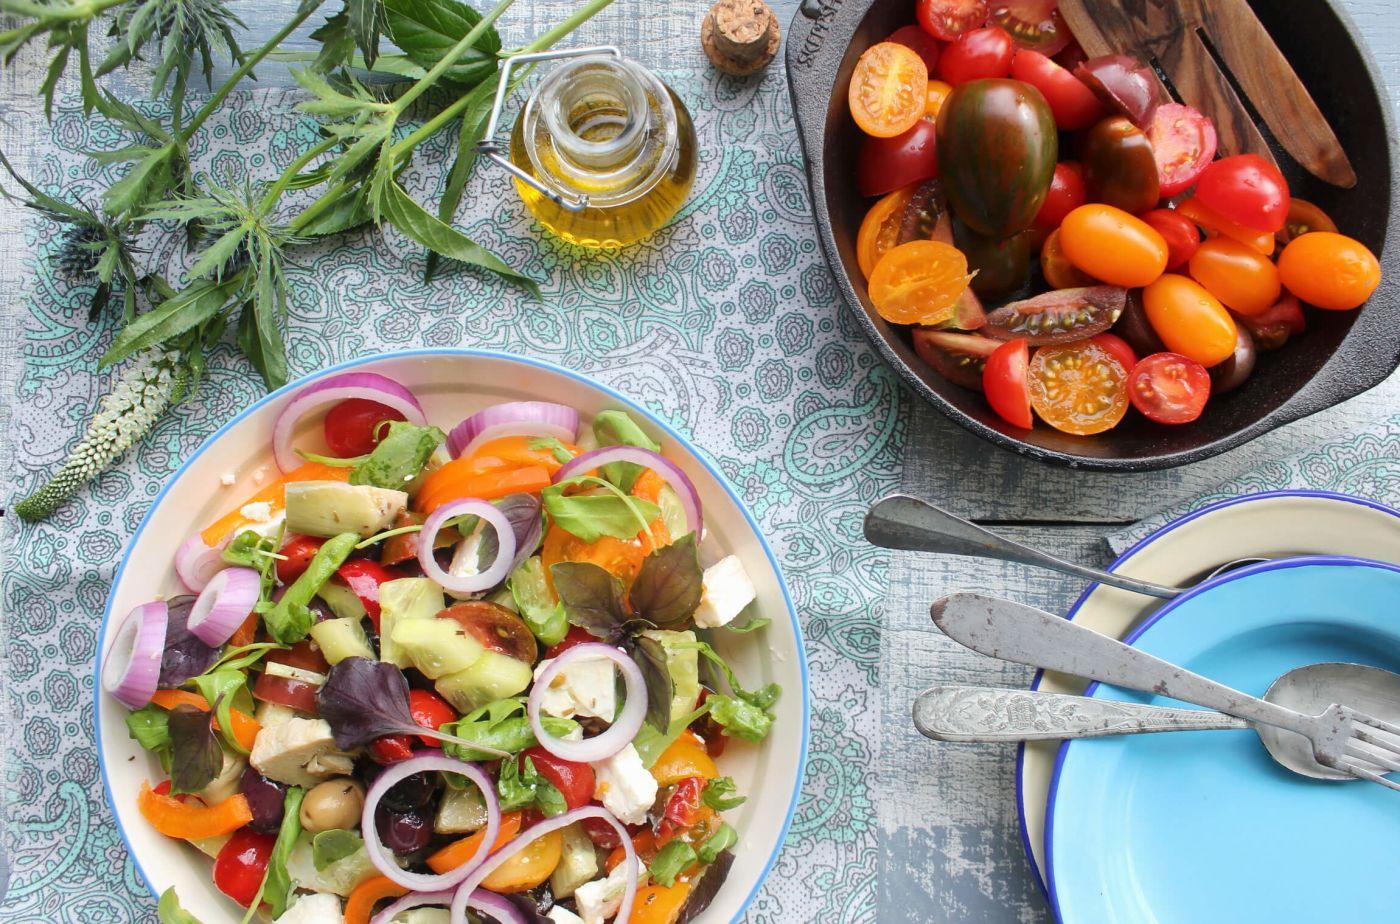 Salat-Rezepte, Sommersalate, Griechischer Salat, schnelle Salat-Rezepte, Salat-Rezepte zum Grillen